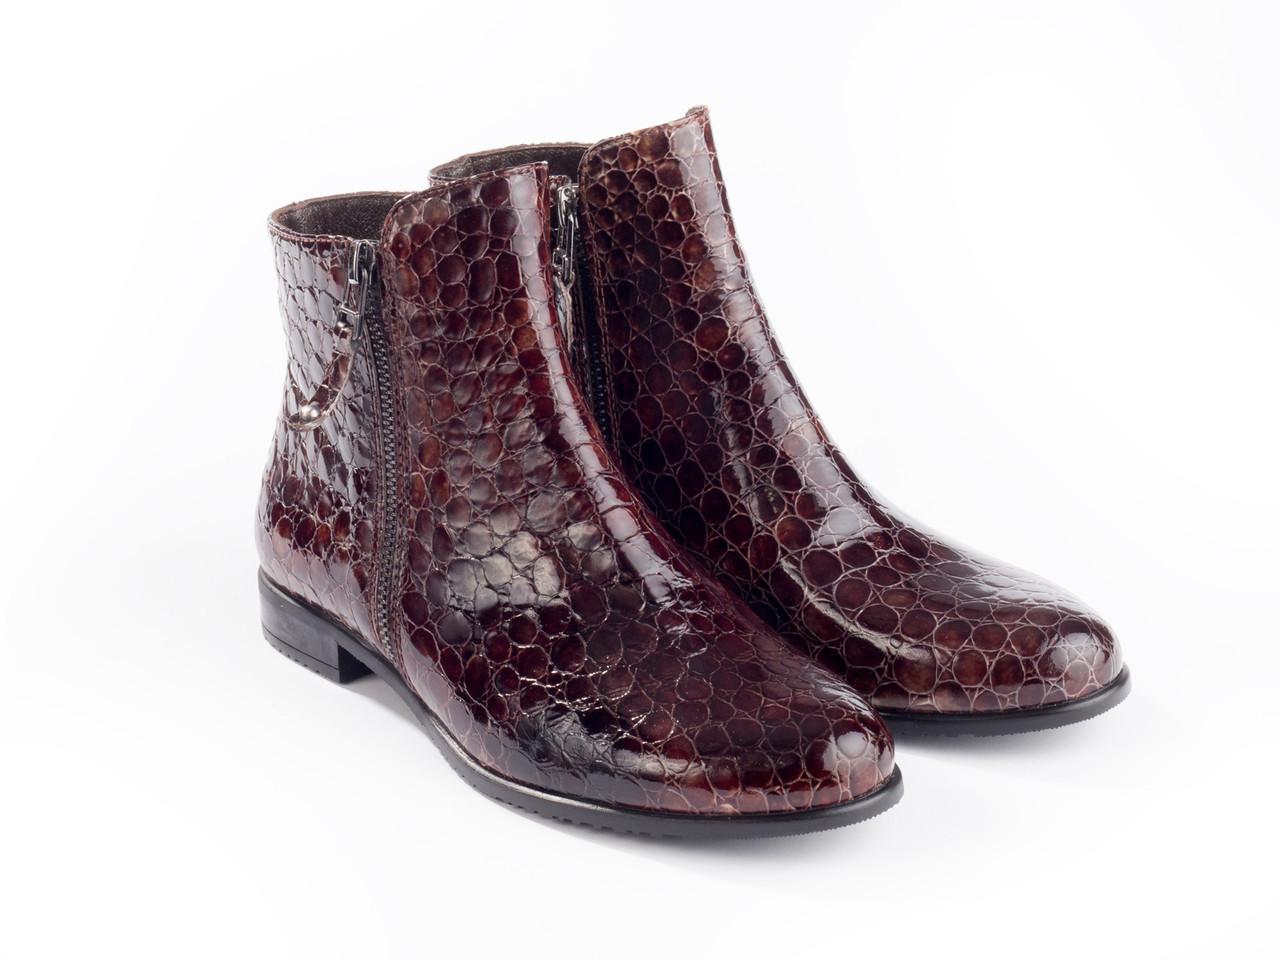 Ботинки Etor 5828-51046-19 39 коричневые